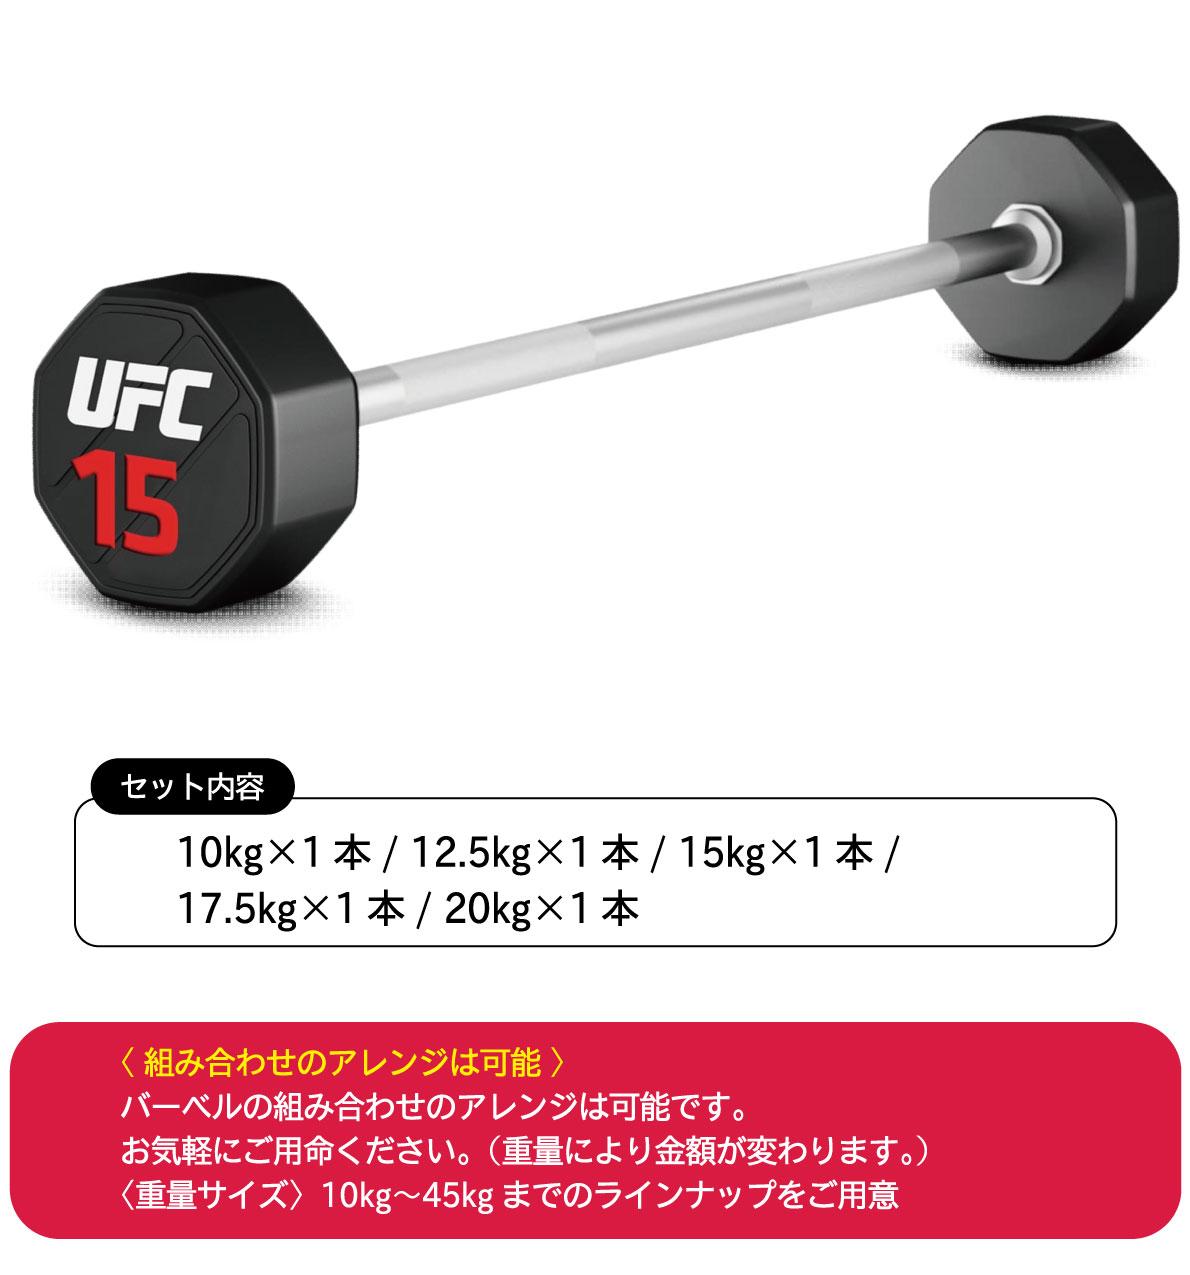 ウレタンバーベルの5本セット(10kg-20kg)〈業務用〉《総合格闘技UFCオフィシャル》